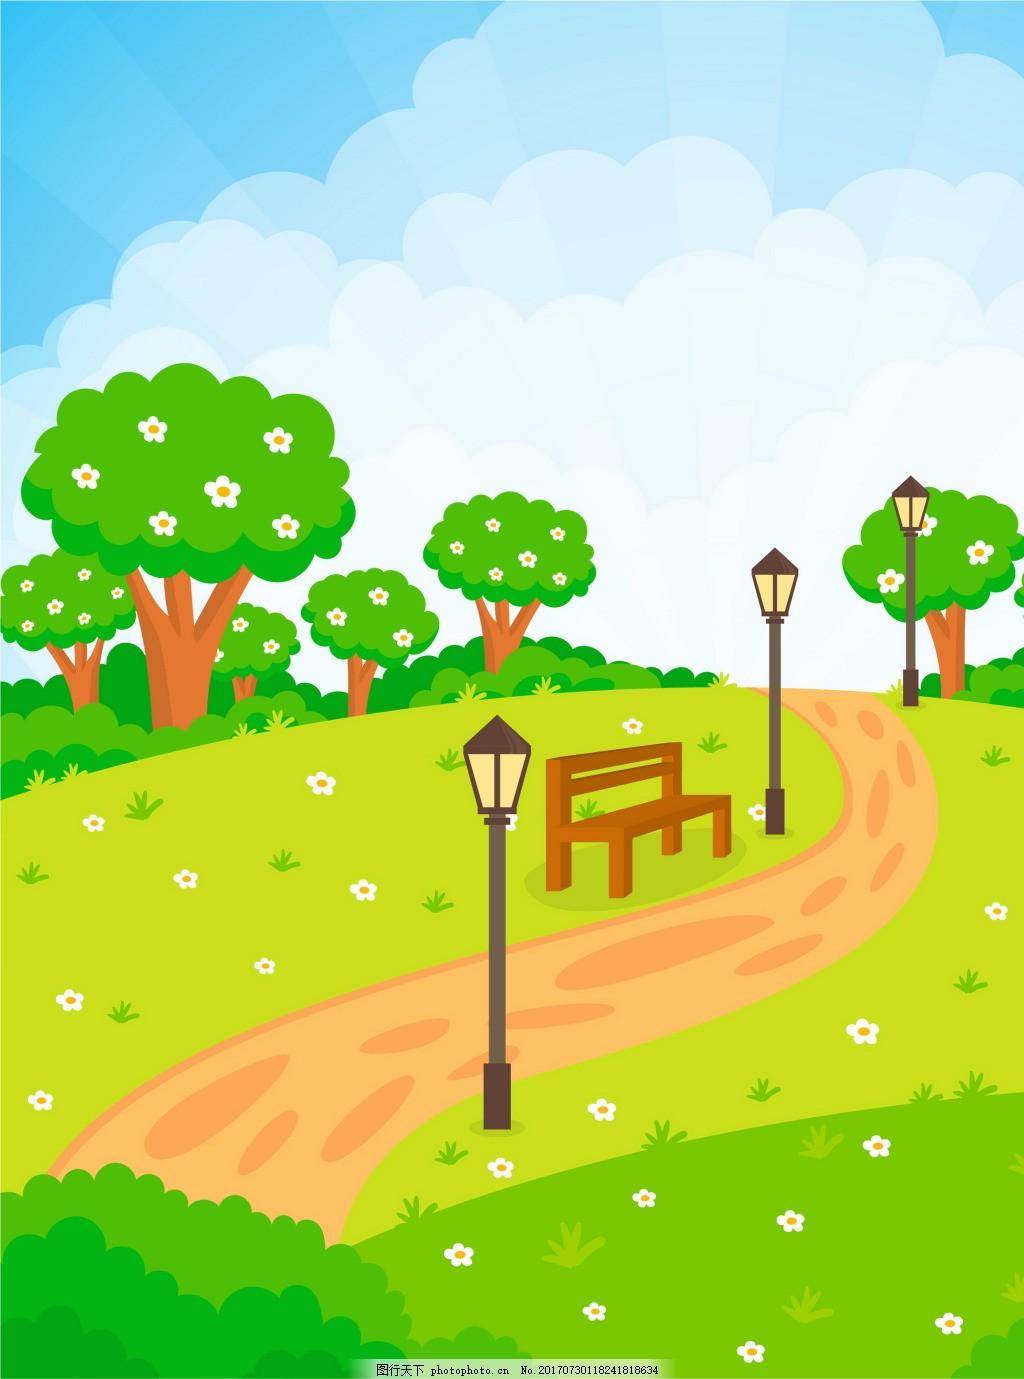 小清新青山小路背景 卡通 蓝天 白云 绿树 乡间小路 路灯 休闲